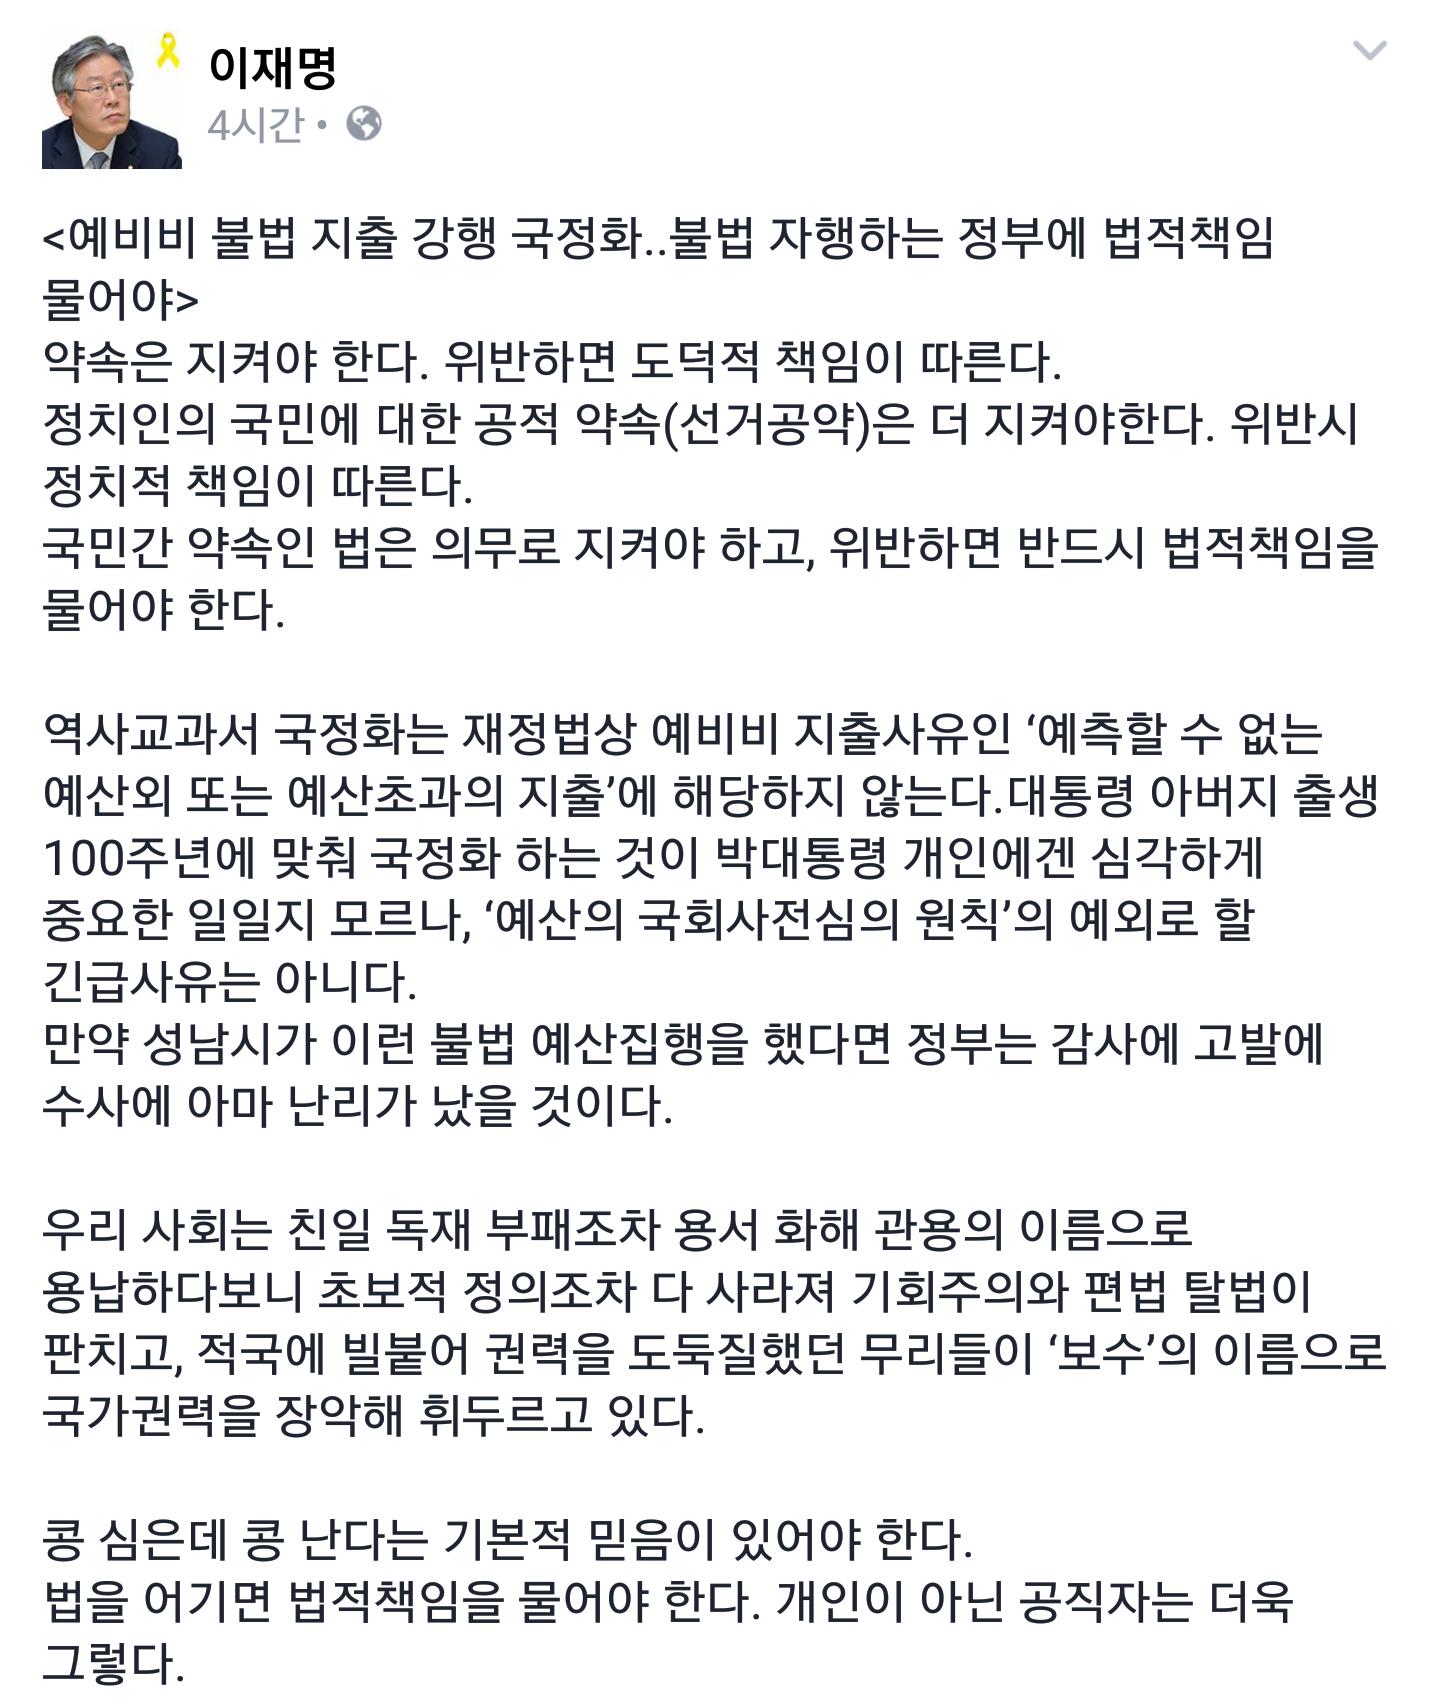 (대통령의 예비비 지급에 대한) 이재명시장 페이스북